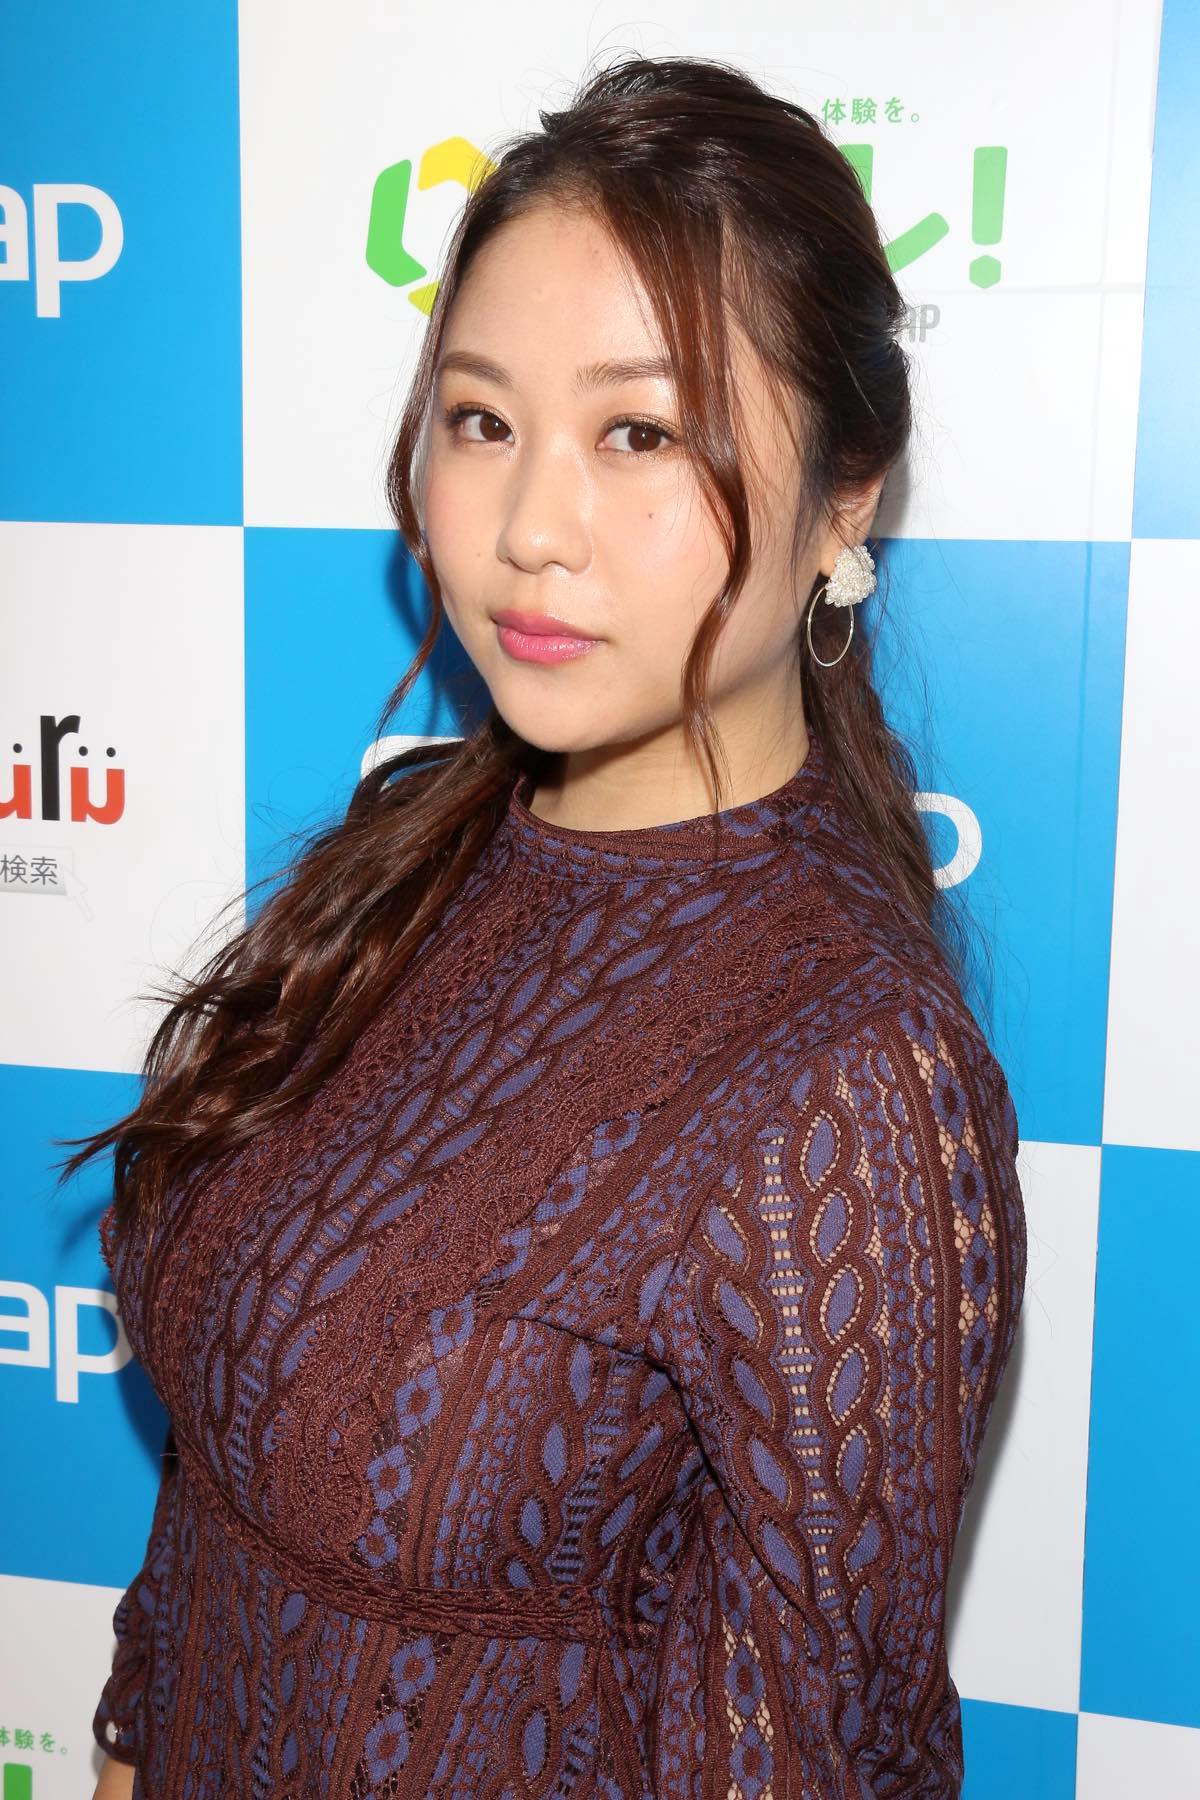 西田麻衣「きわどい水着が多かった」44枚目のDVDでも攻めまくり!【写真37枚】の画像020